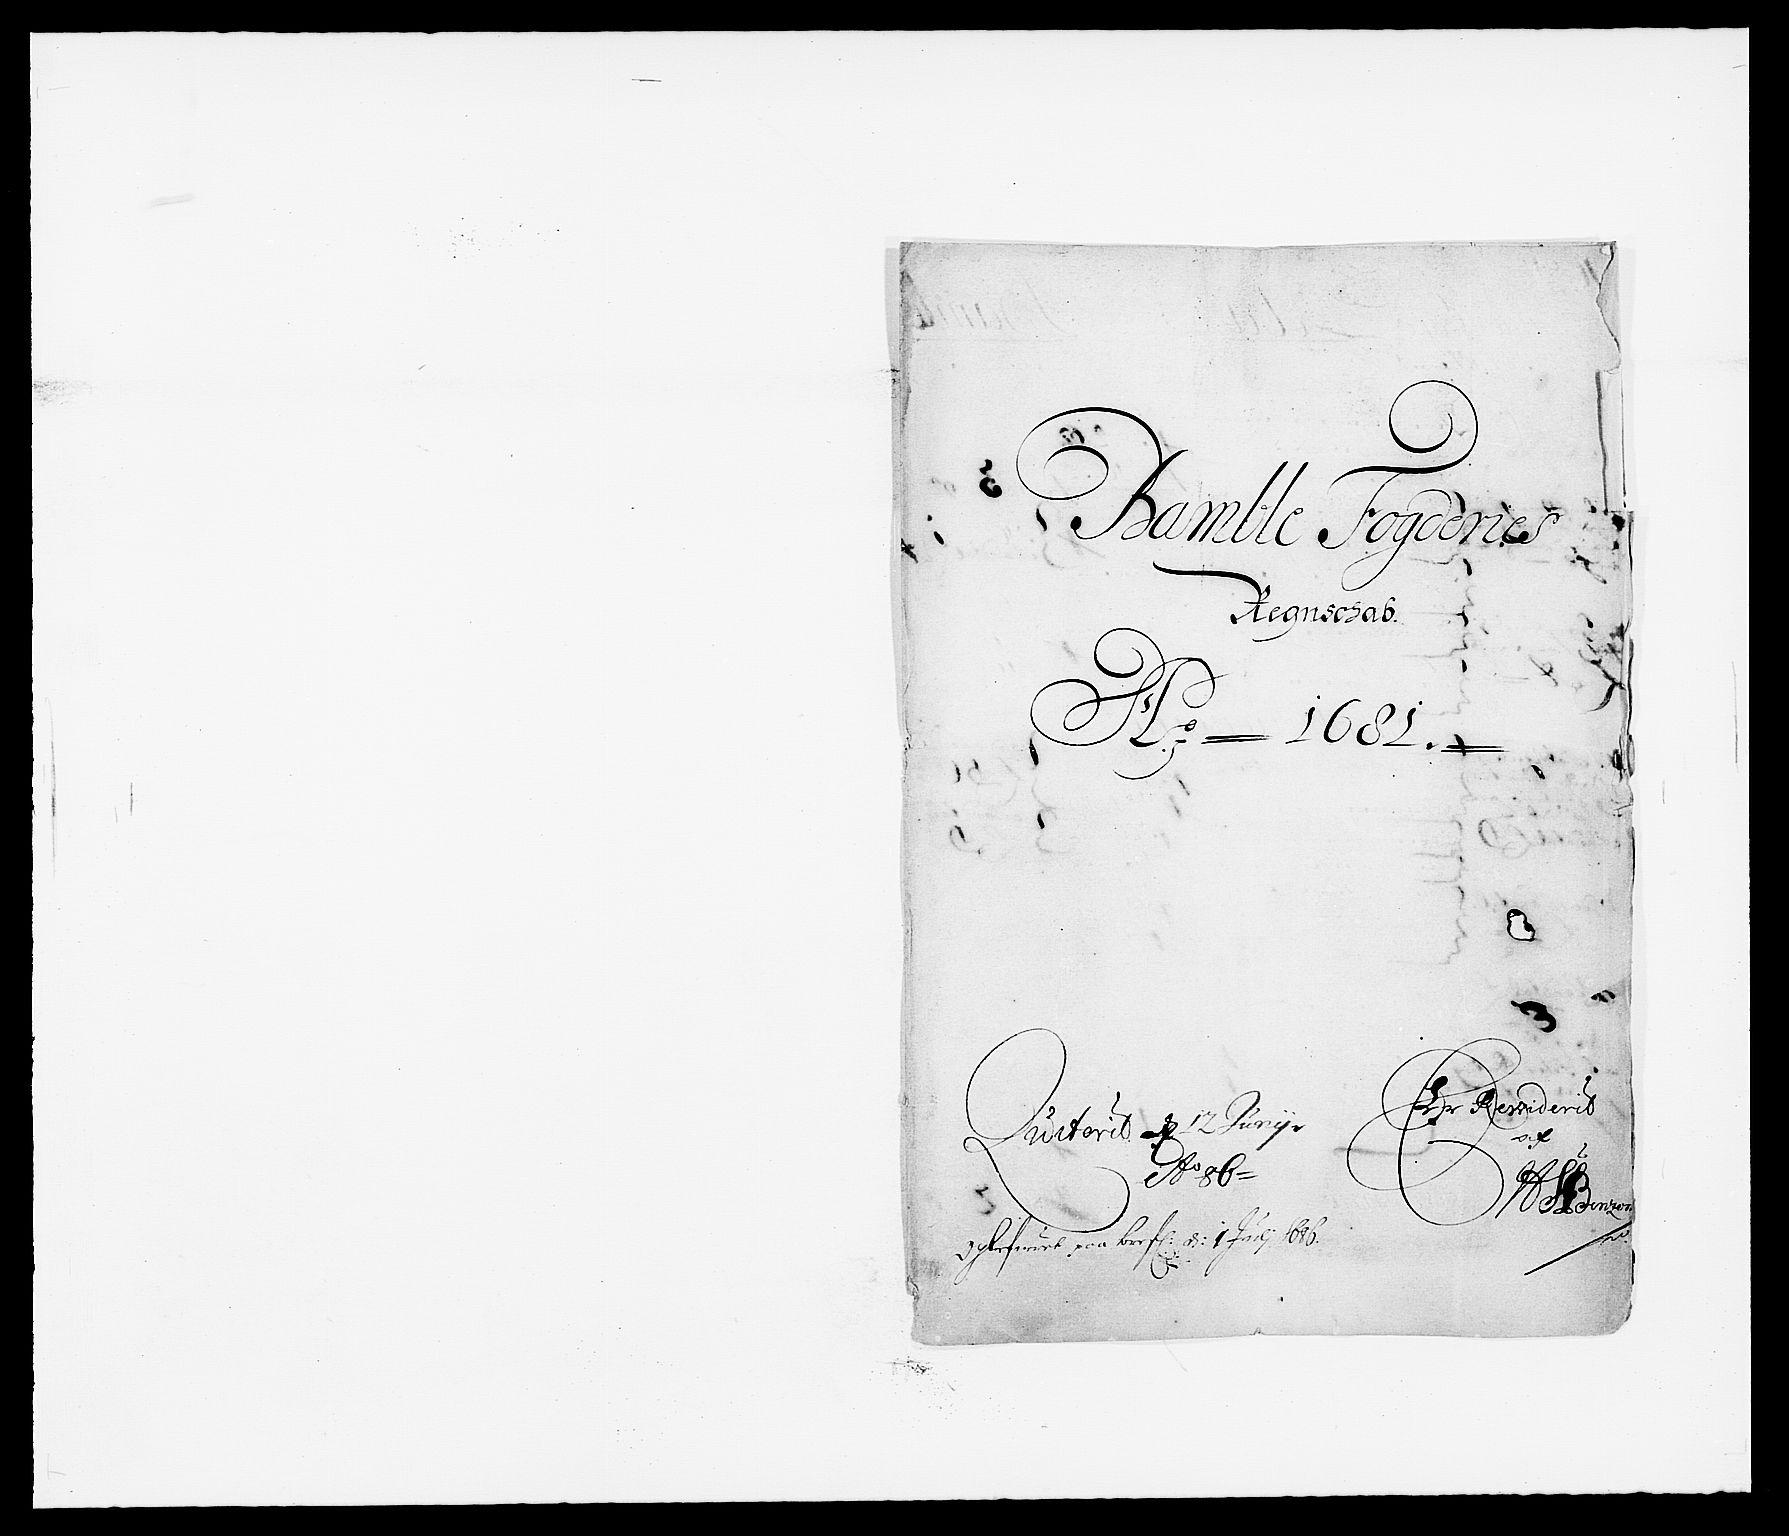 RA, Rentekammeret inntil 1814, Reviderte regnskaper, Fogderegnskap, R34/L2045: Fogderegnskap Bamble, 1680-1681, s. 226